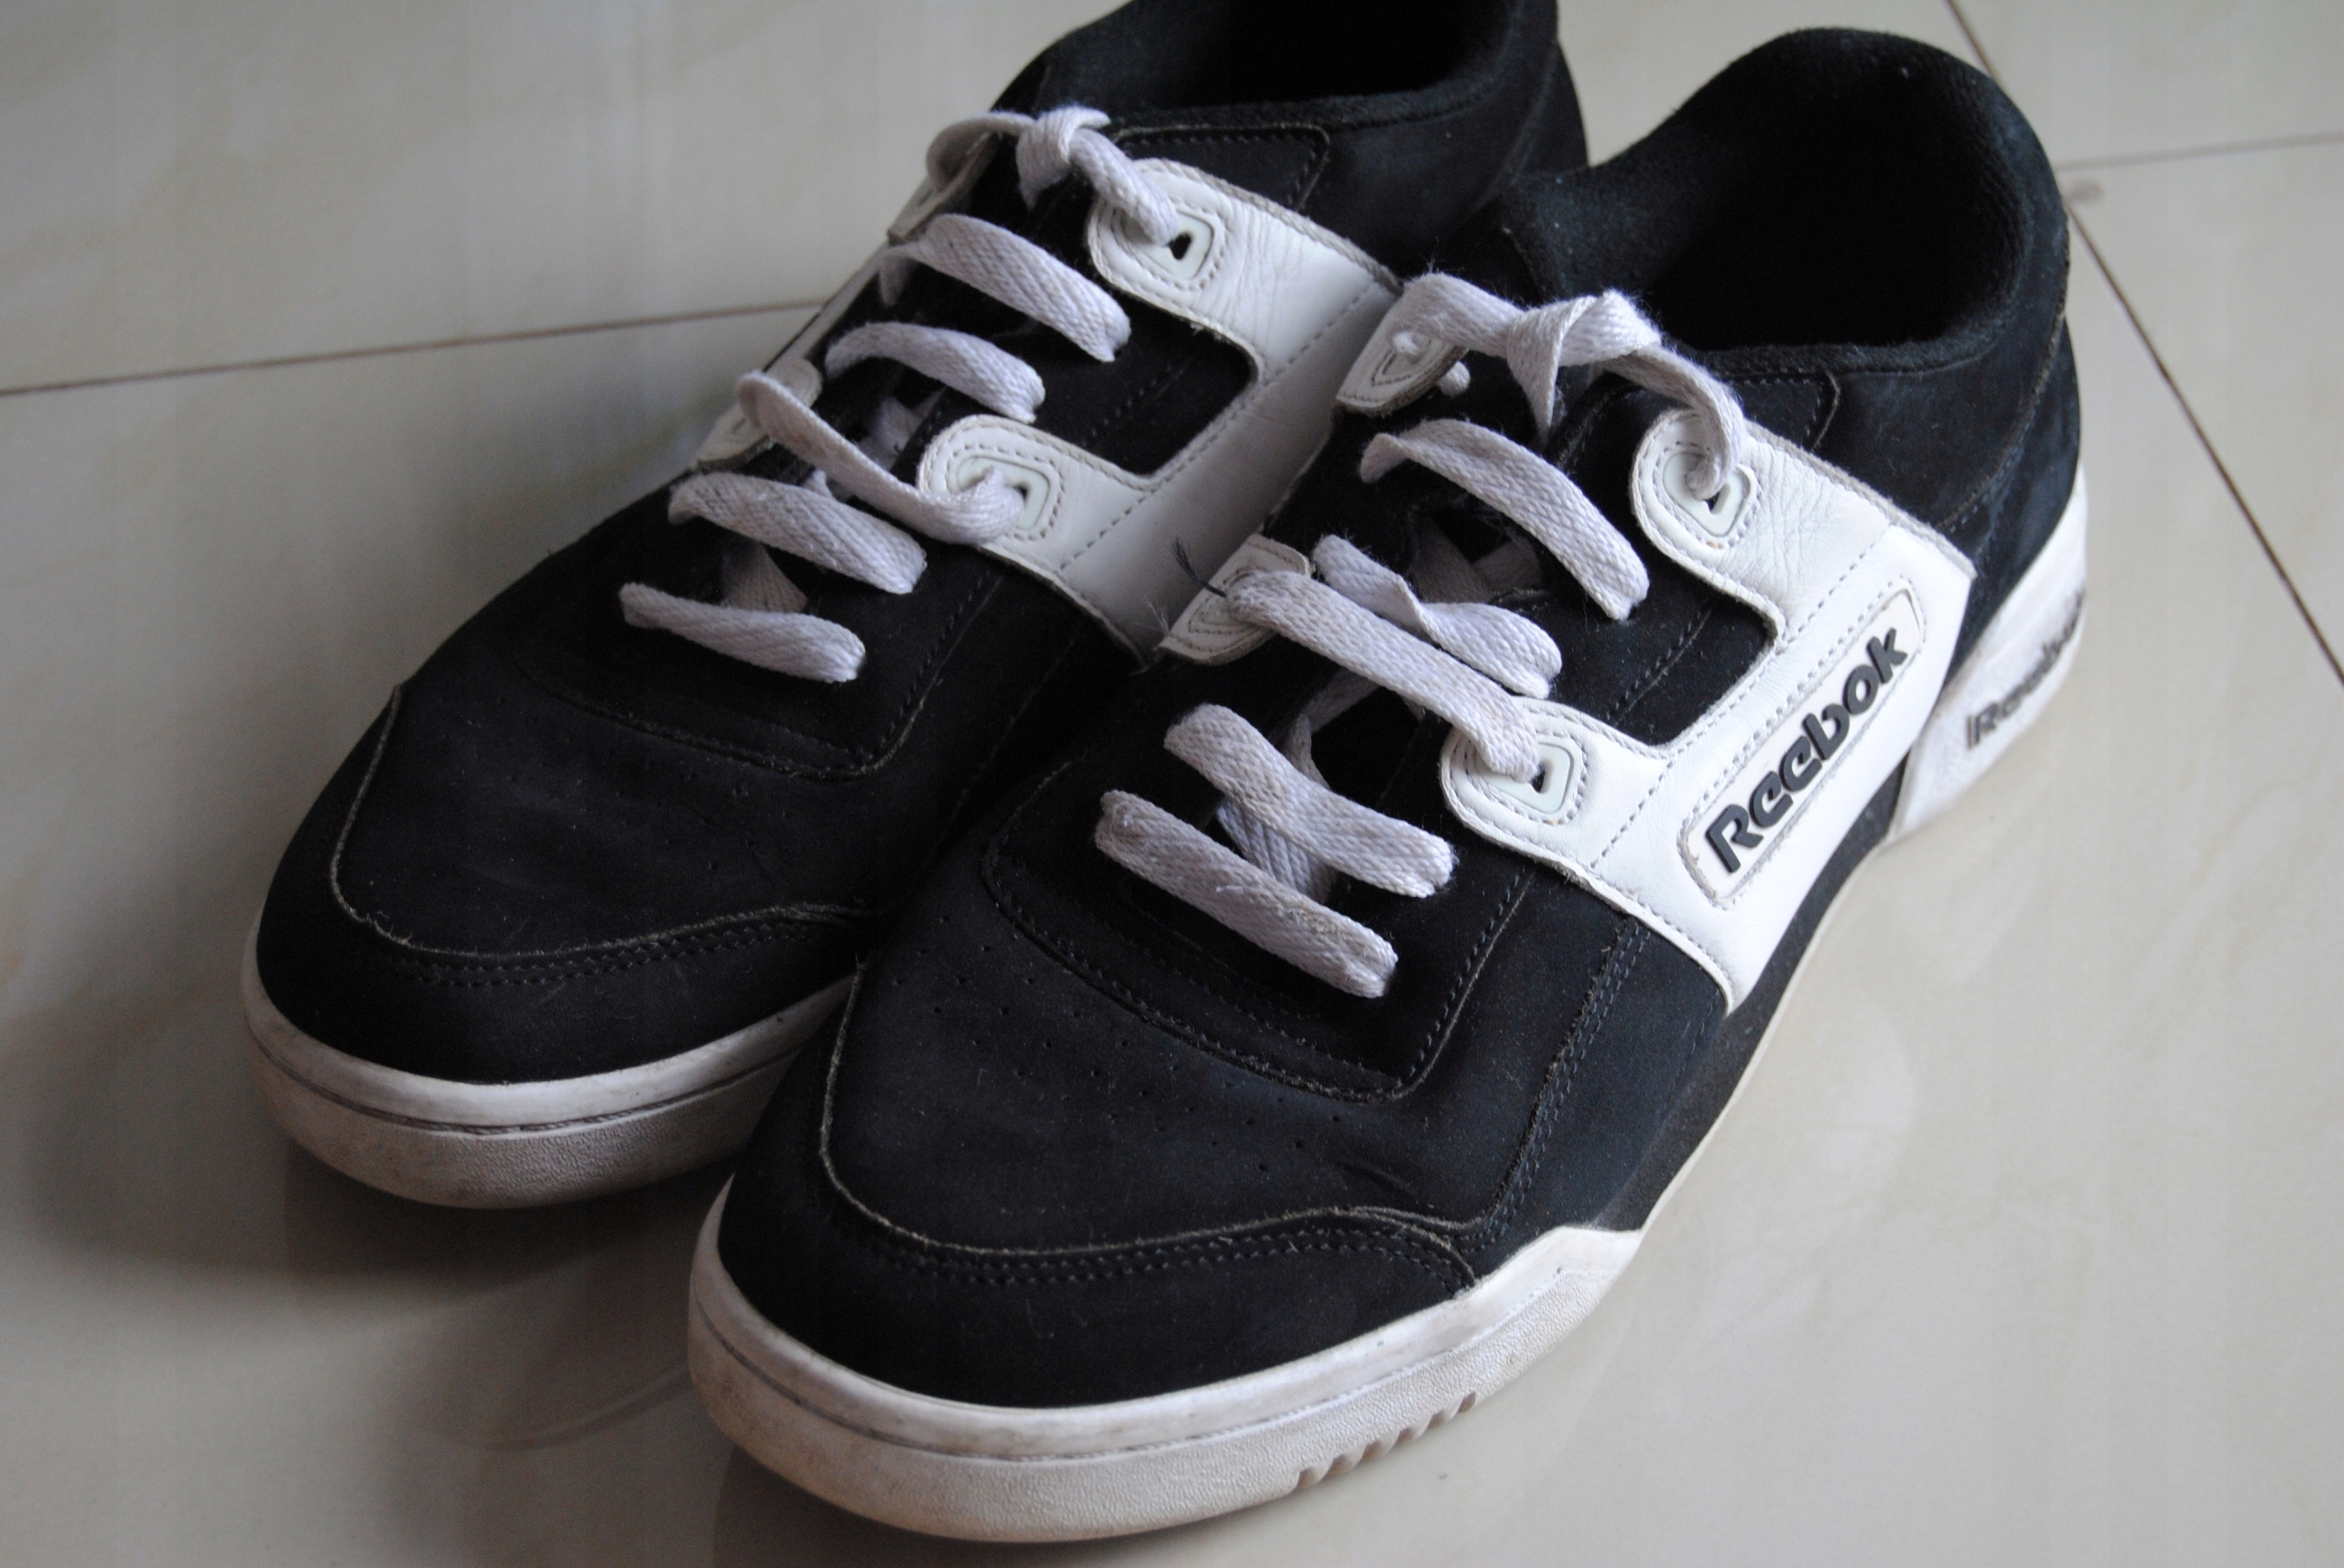 super tanie Cena obniżona butik wyprzedażowy buty REEBOK Classic czarno-białe 43 sportowe